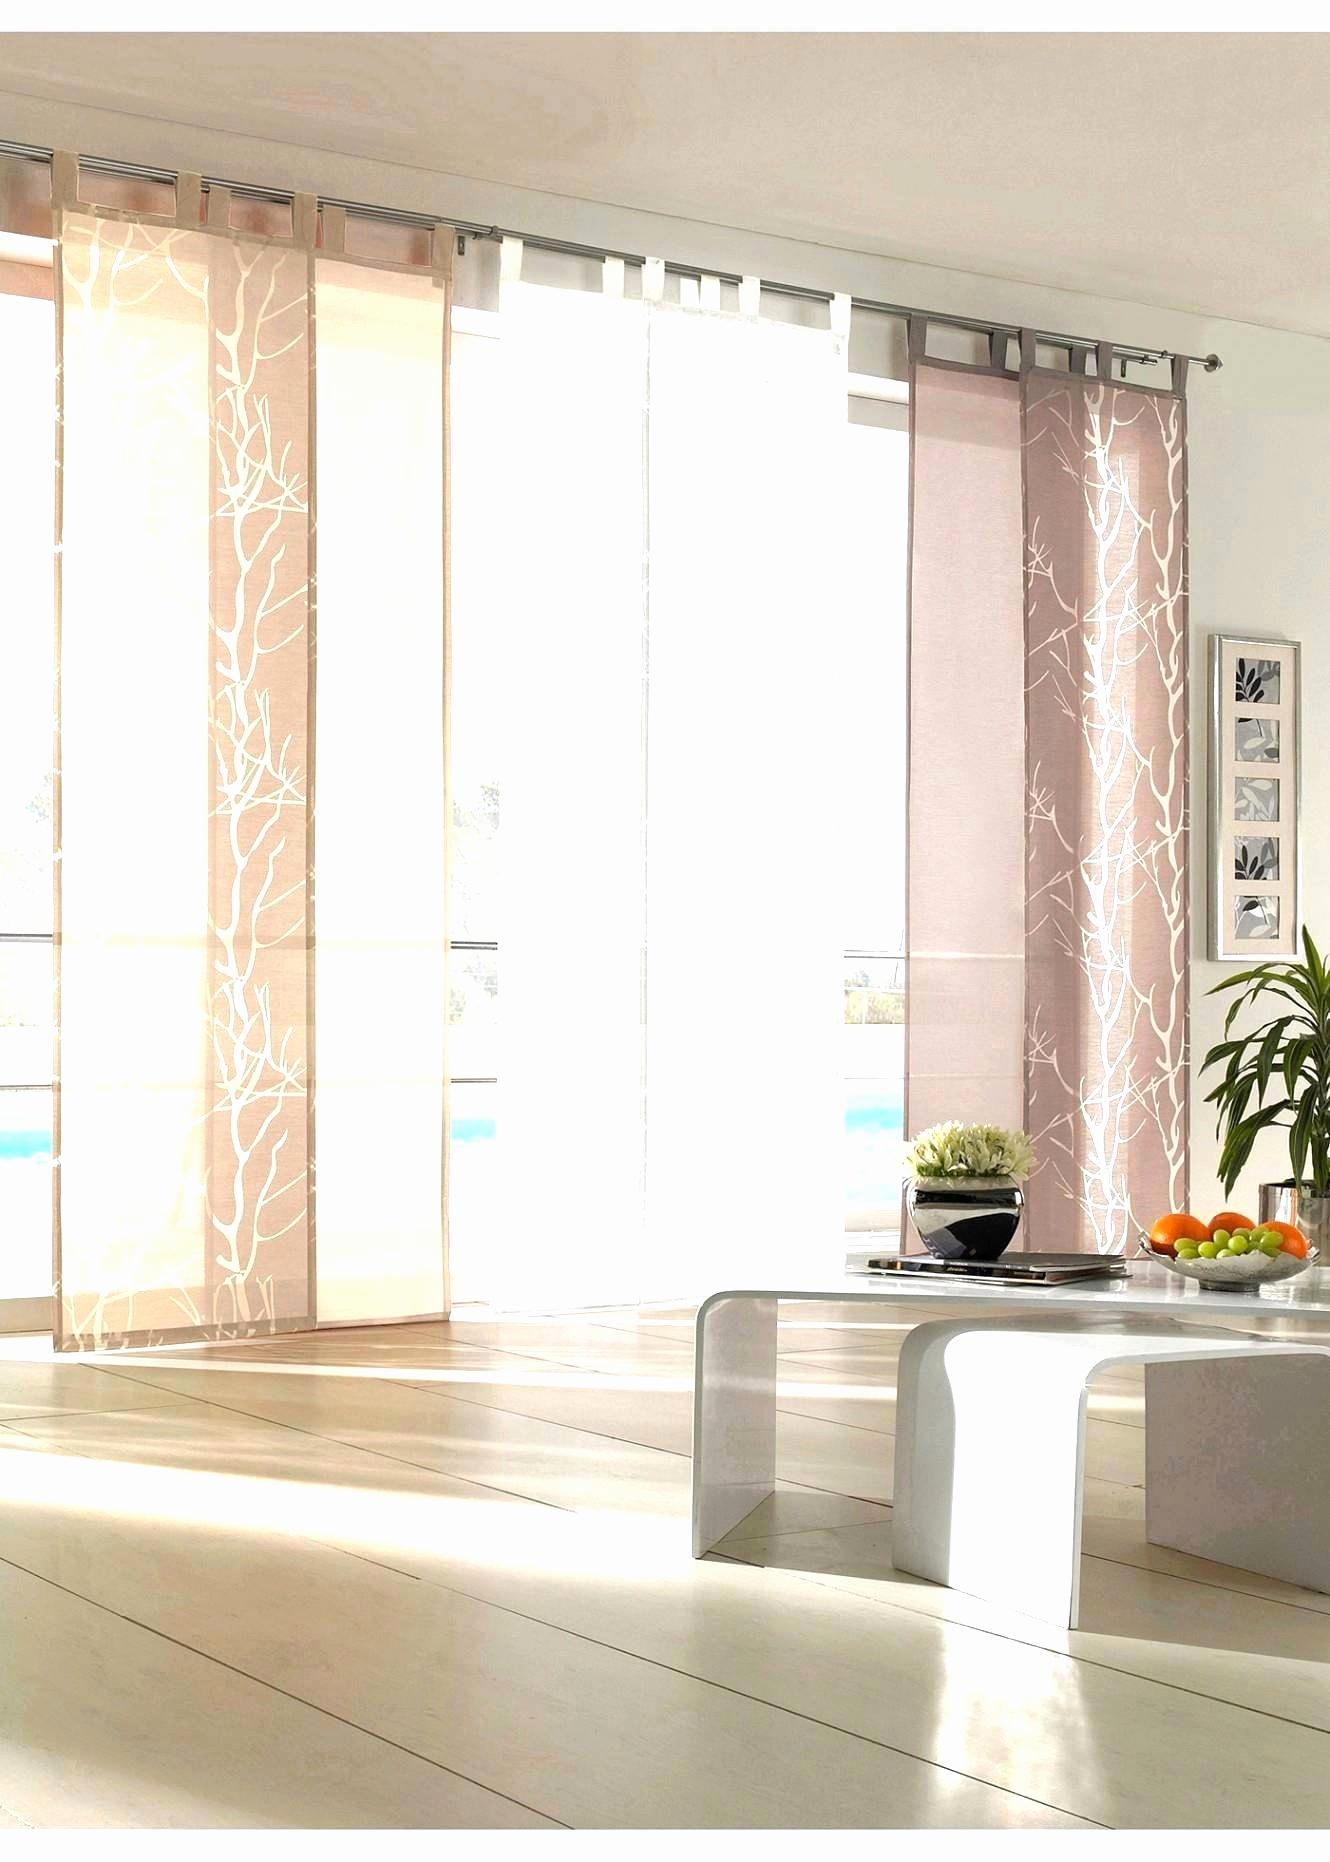 Full Size of Vorhänge Wohnzimmer Ideen Modern Gardinen Design Elegant Unique Sessel Deckenstrahler Deckenleuchte Schlafzimmer Hängeschrank Weiß Hochglanz Bett Modernes Wohnzimmer Vorhänge Wohnzimmer Ideen Modern